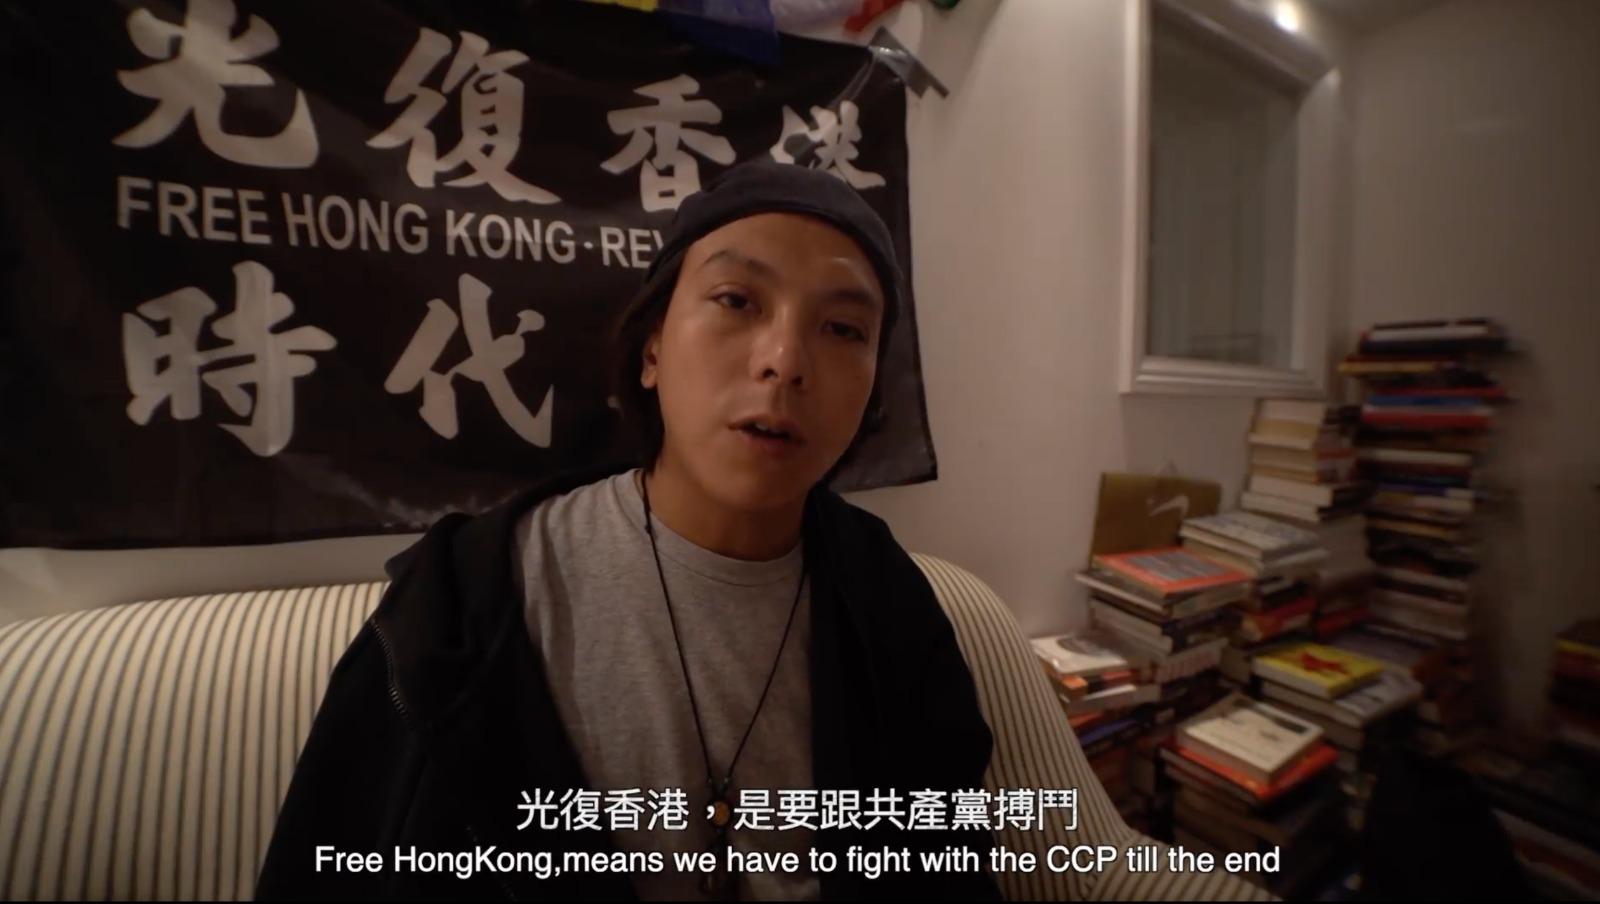 王茂俊8月30日於網絡上澄清,現流亡至英國,他強調自己雖仍健在,但不表示831事件中沒有其他人死亡。(亡人Facebook 影片截圖)